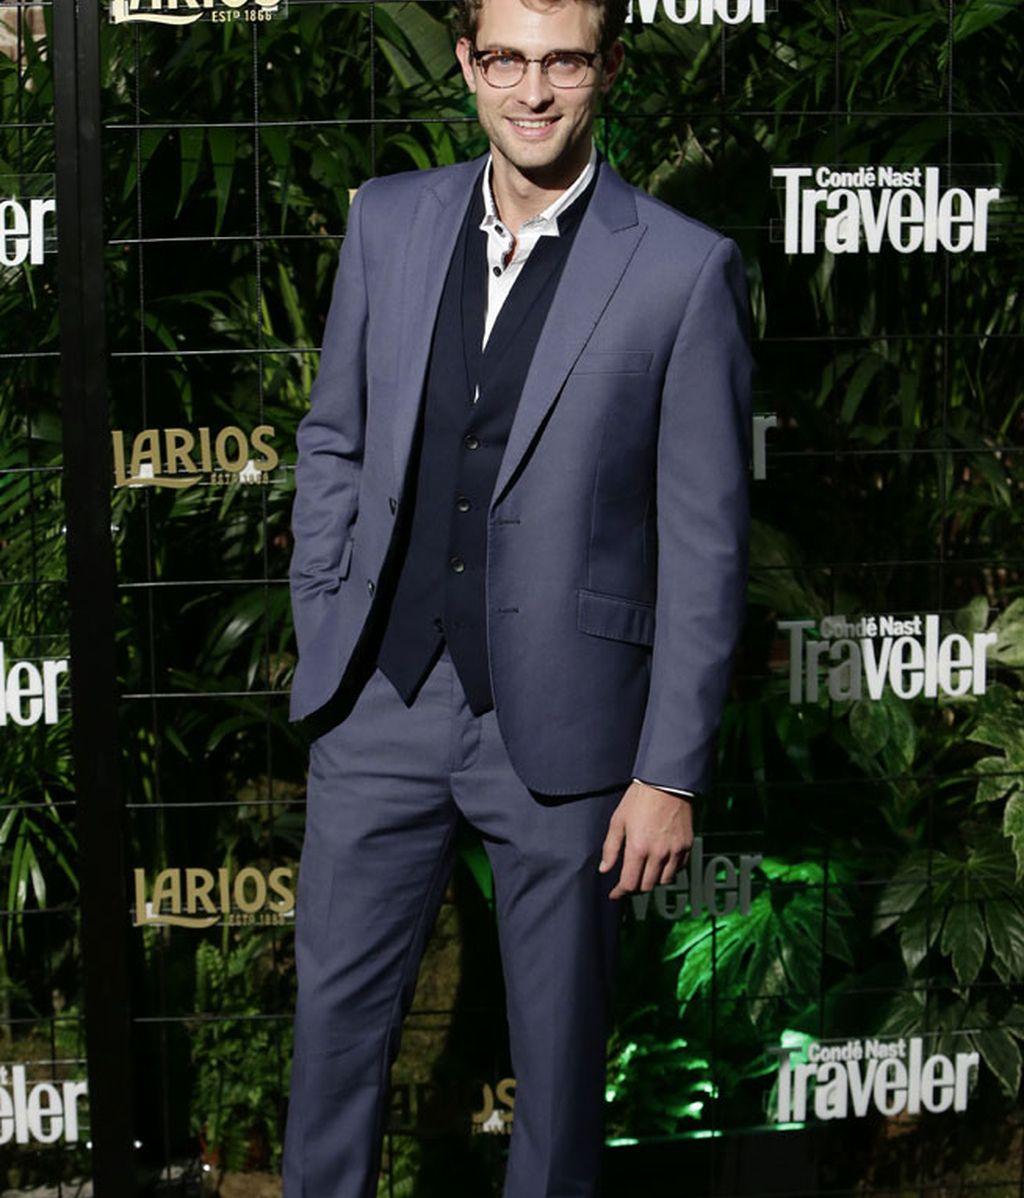 Peter Vives y su traje azul ¡con chaleco!